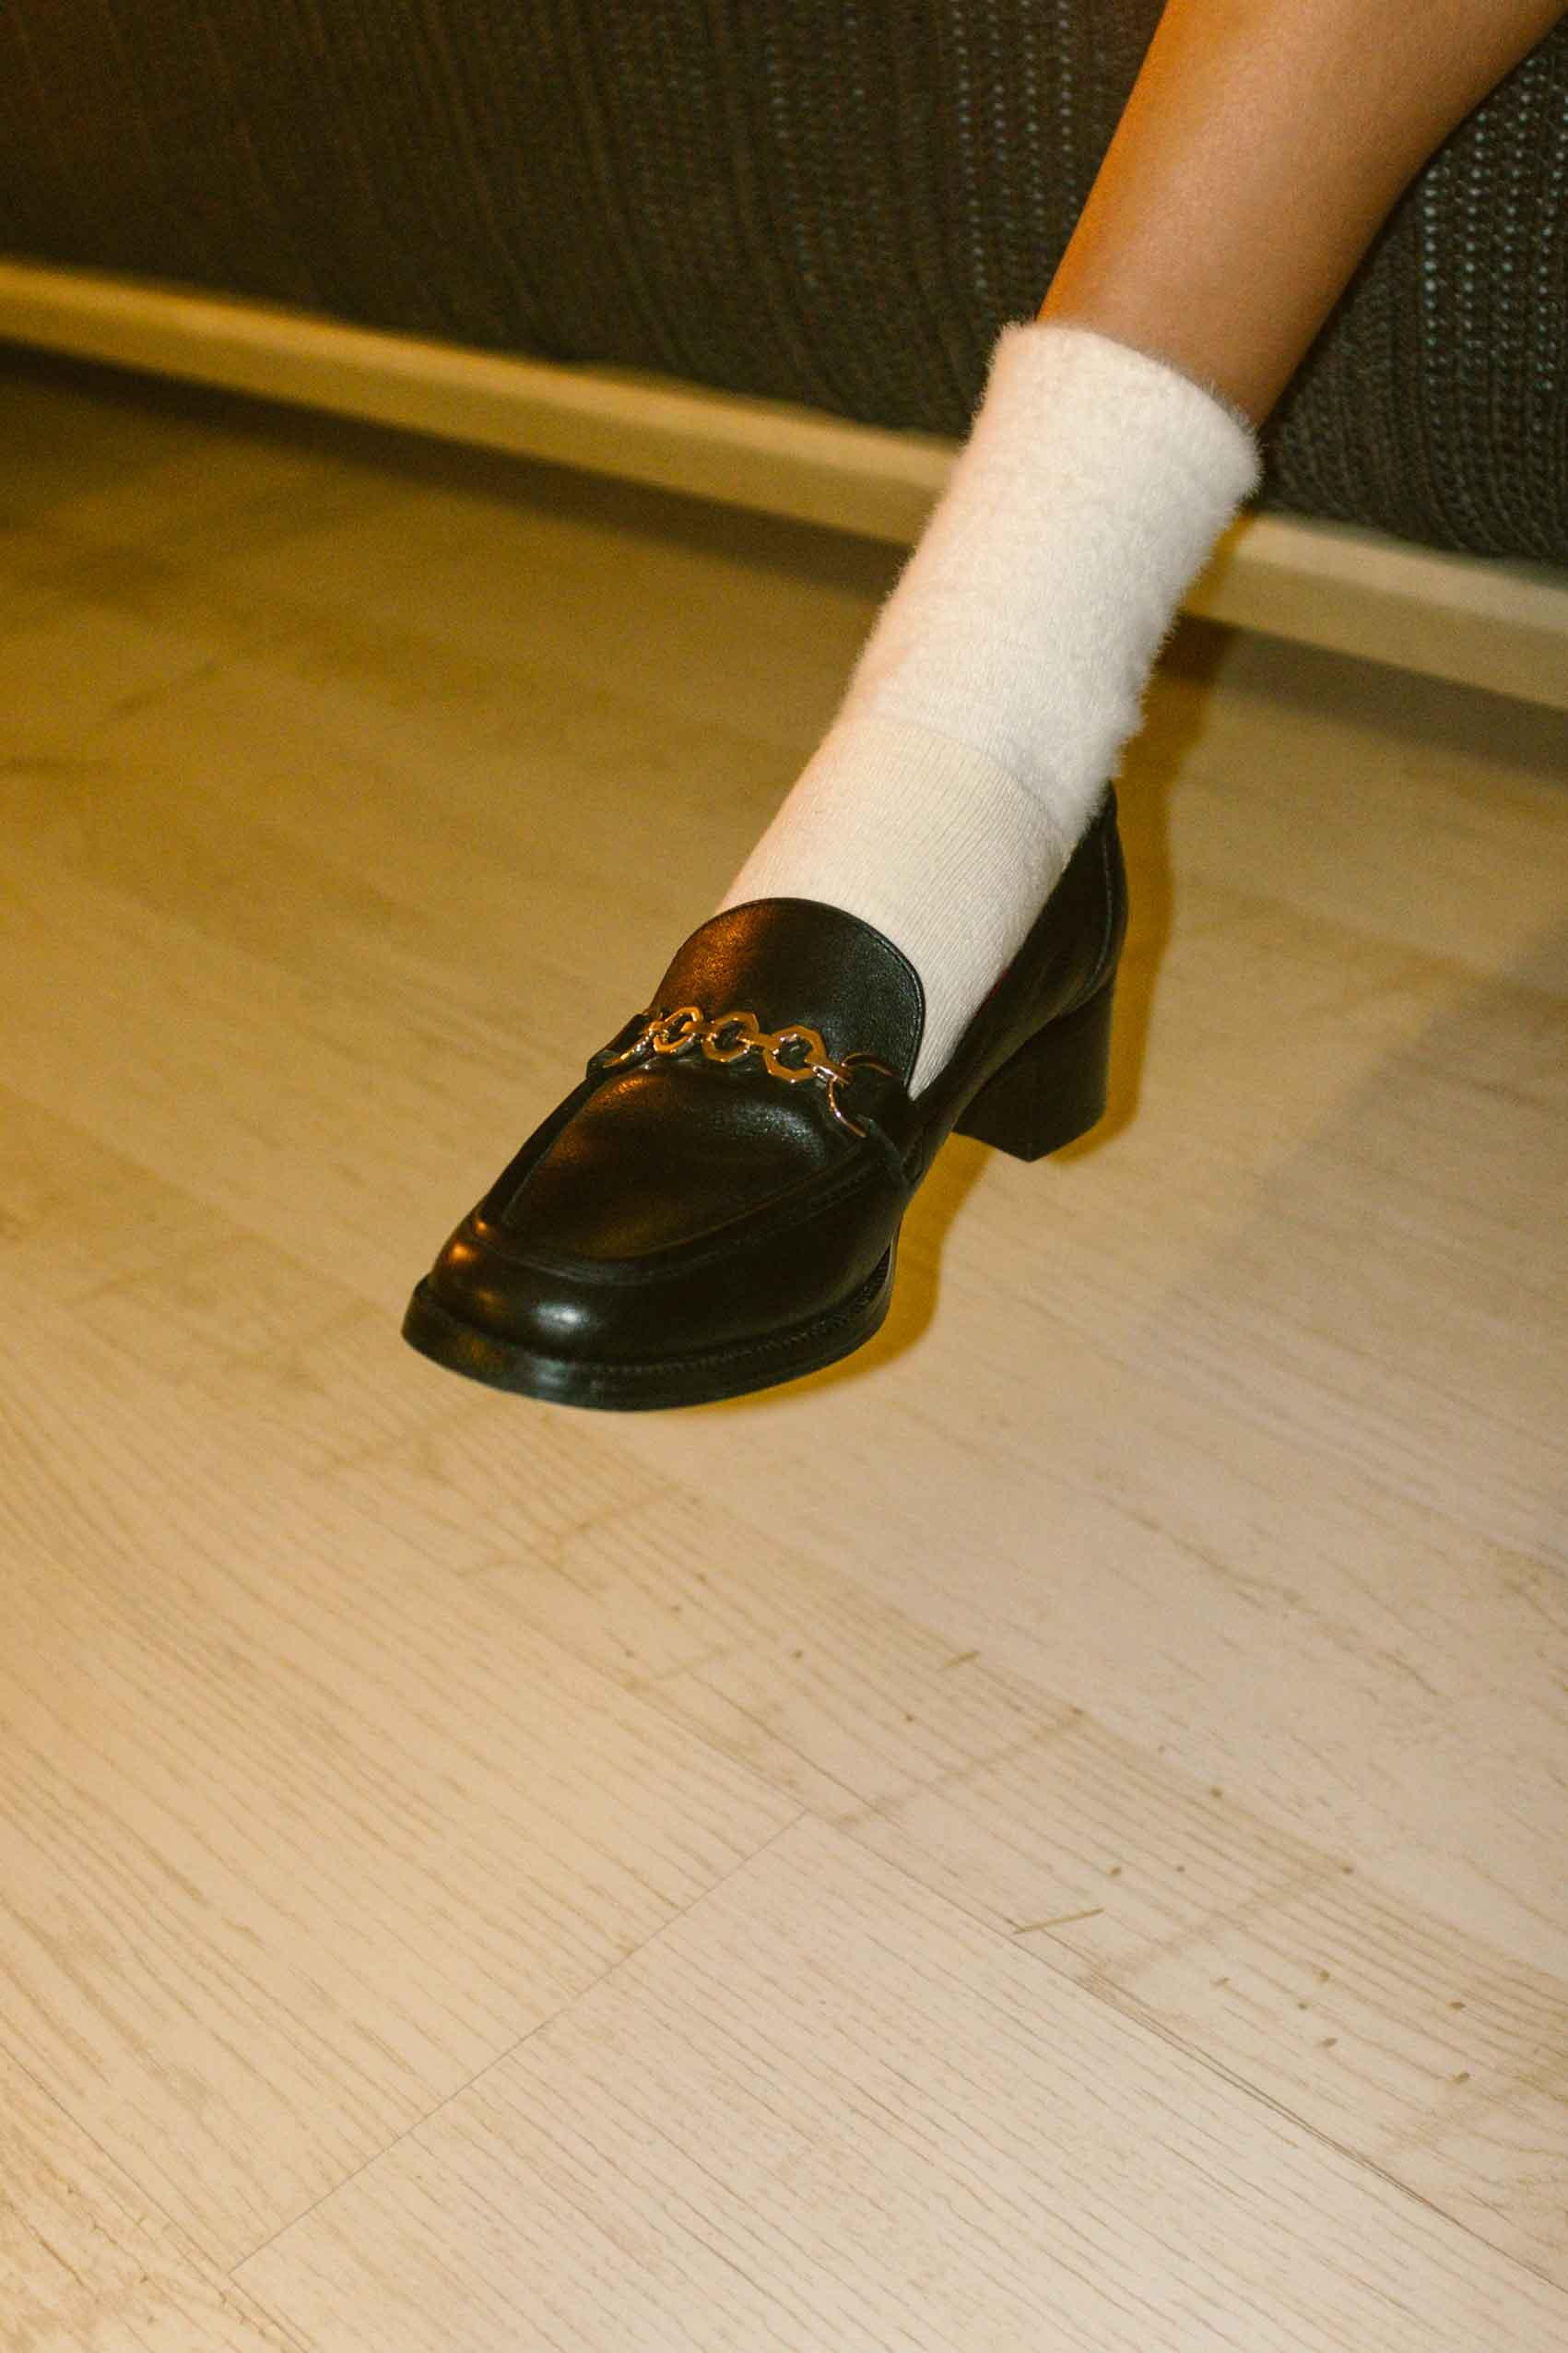 הפקת אופנה- dream story. צלם- מושיקו טישלר, סטייליסטית- נועה שבי, איפור שיער- רעות טוריאל, דוגמנית- ליר עוז (סוכנות יולי). נעליים: ניין ווסט